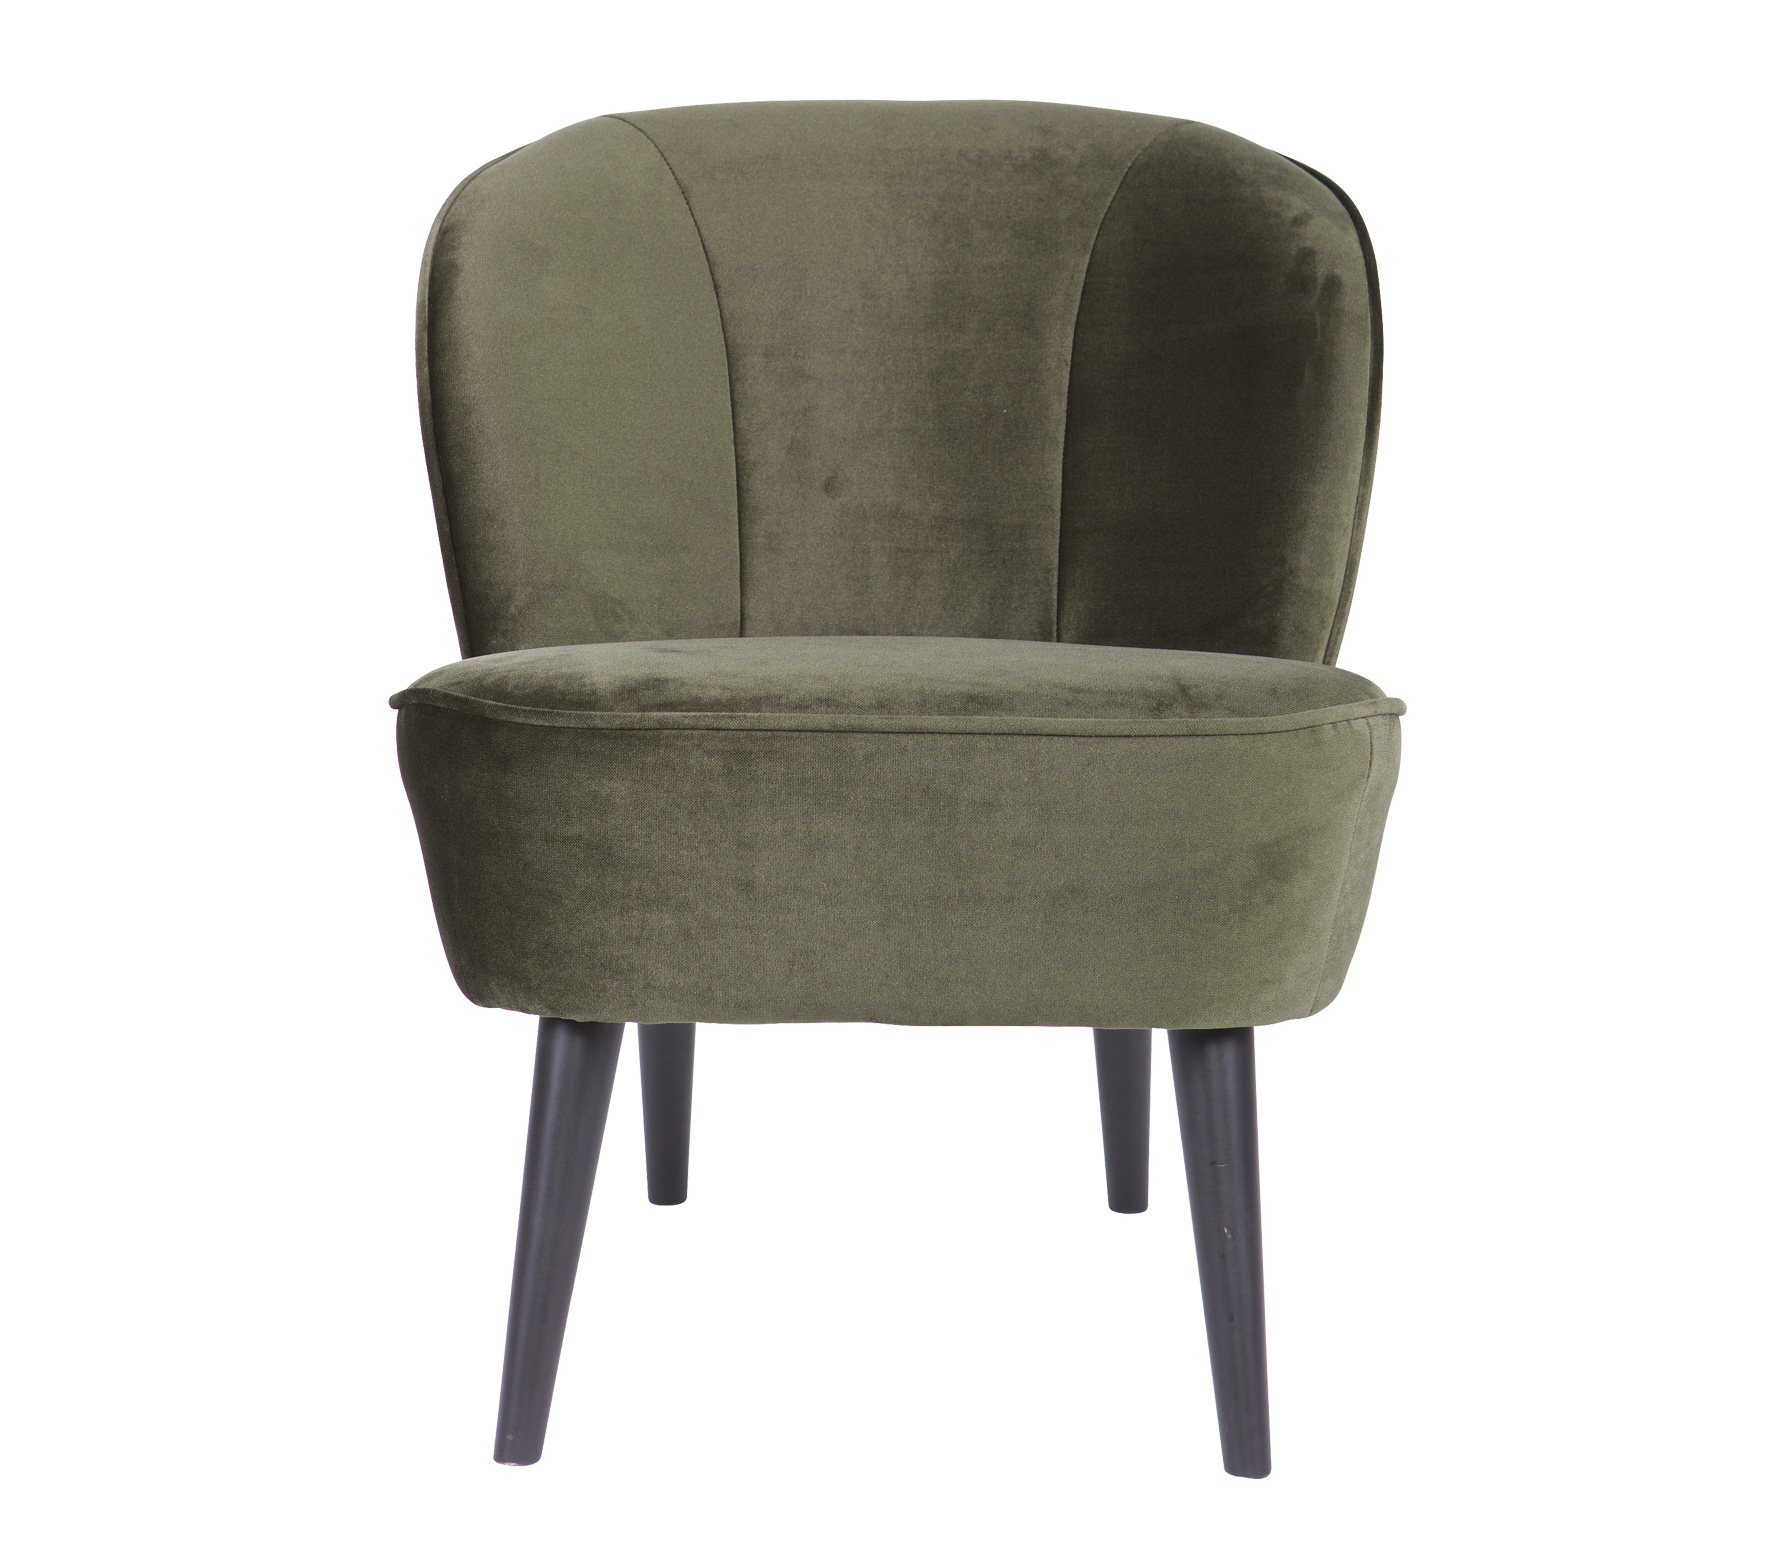 Woood Sara fauteuil fluweel warmgroen vrijstaand